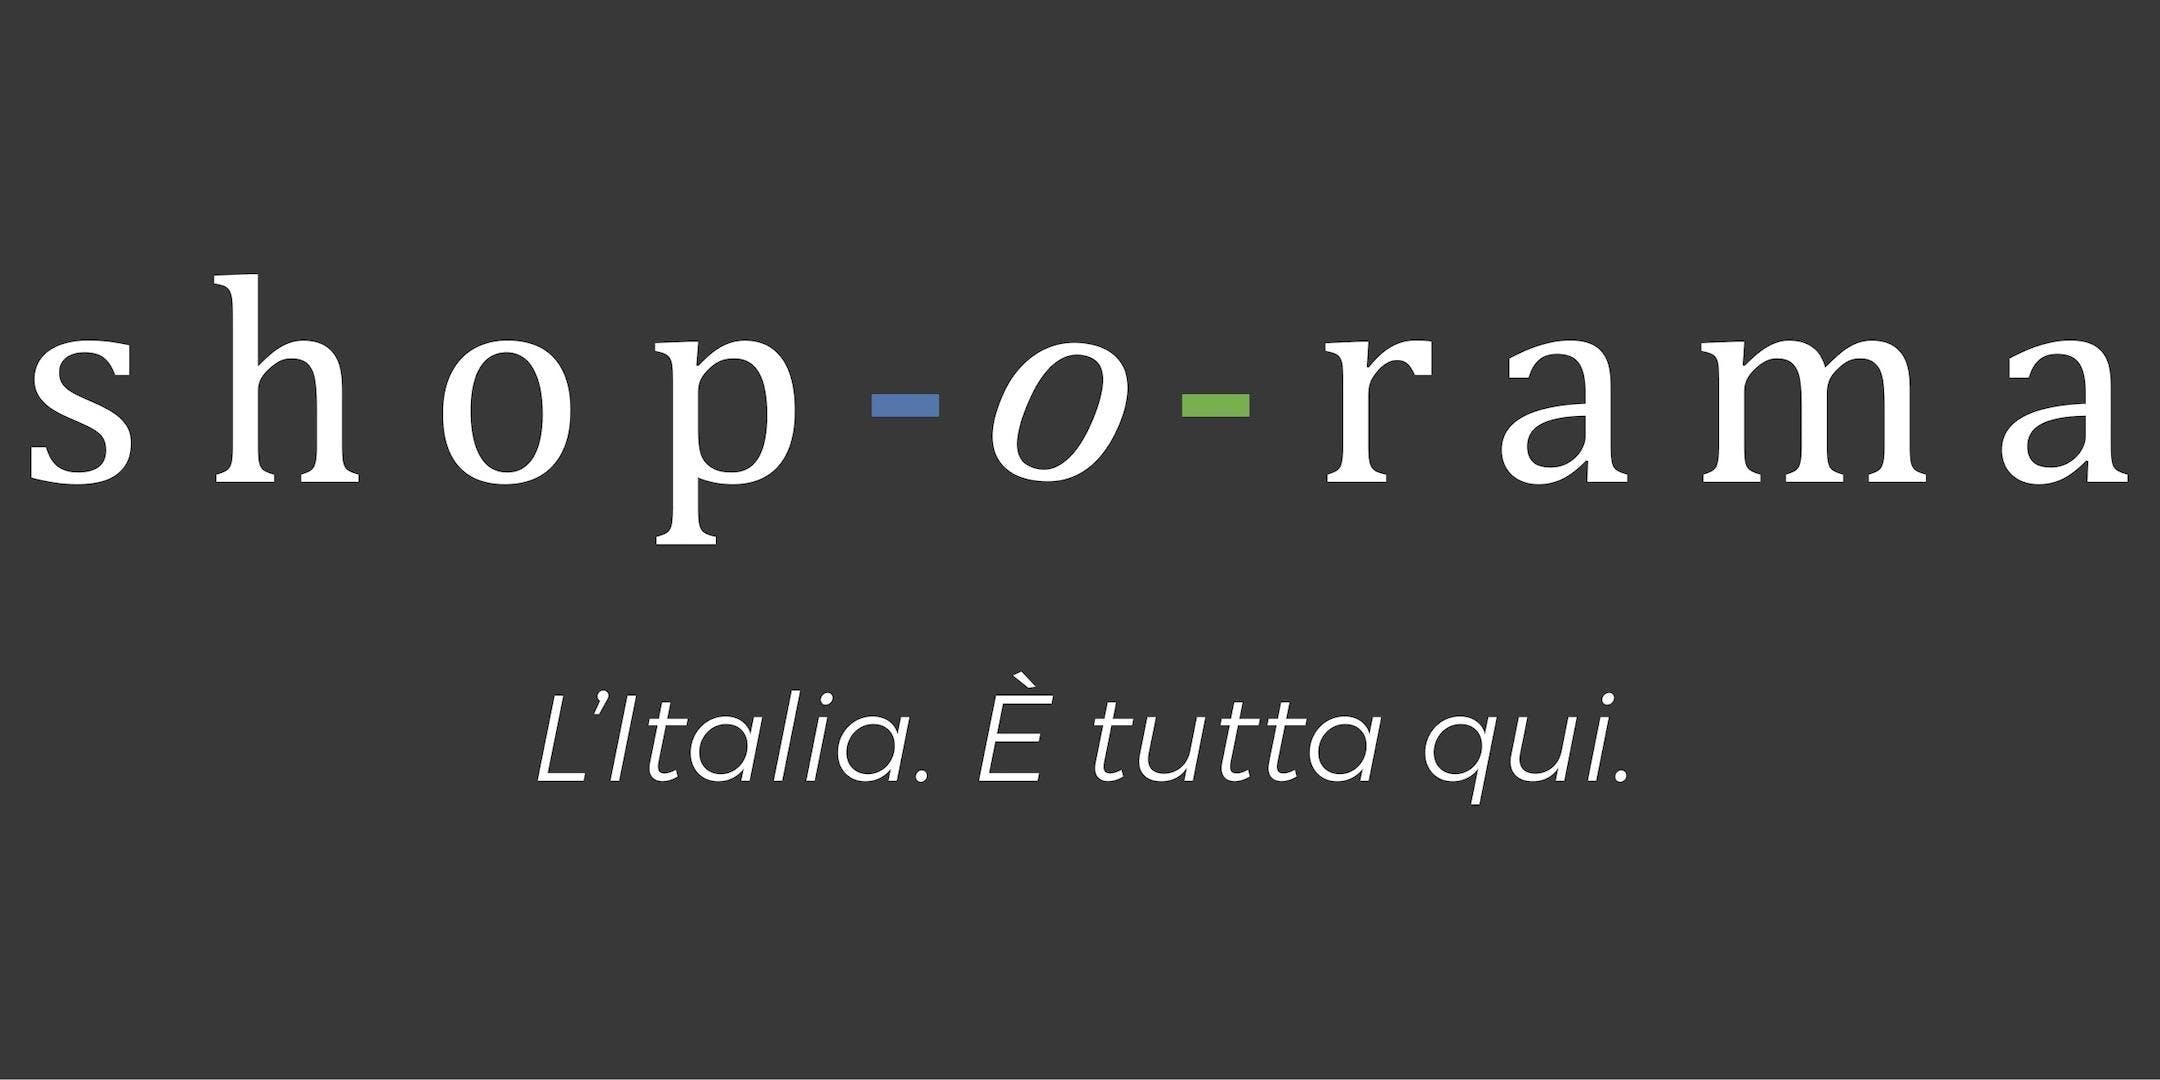 18.02.2019 - Accordo Confartigianato Gorizia